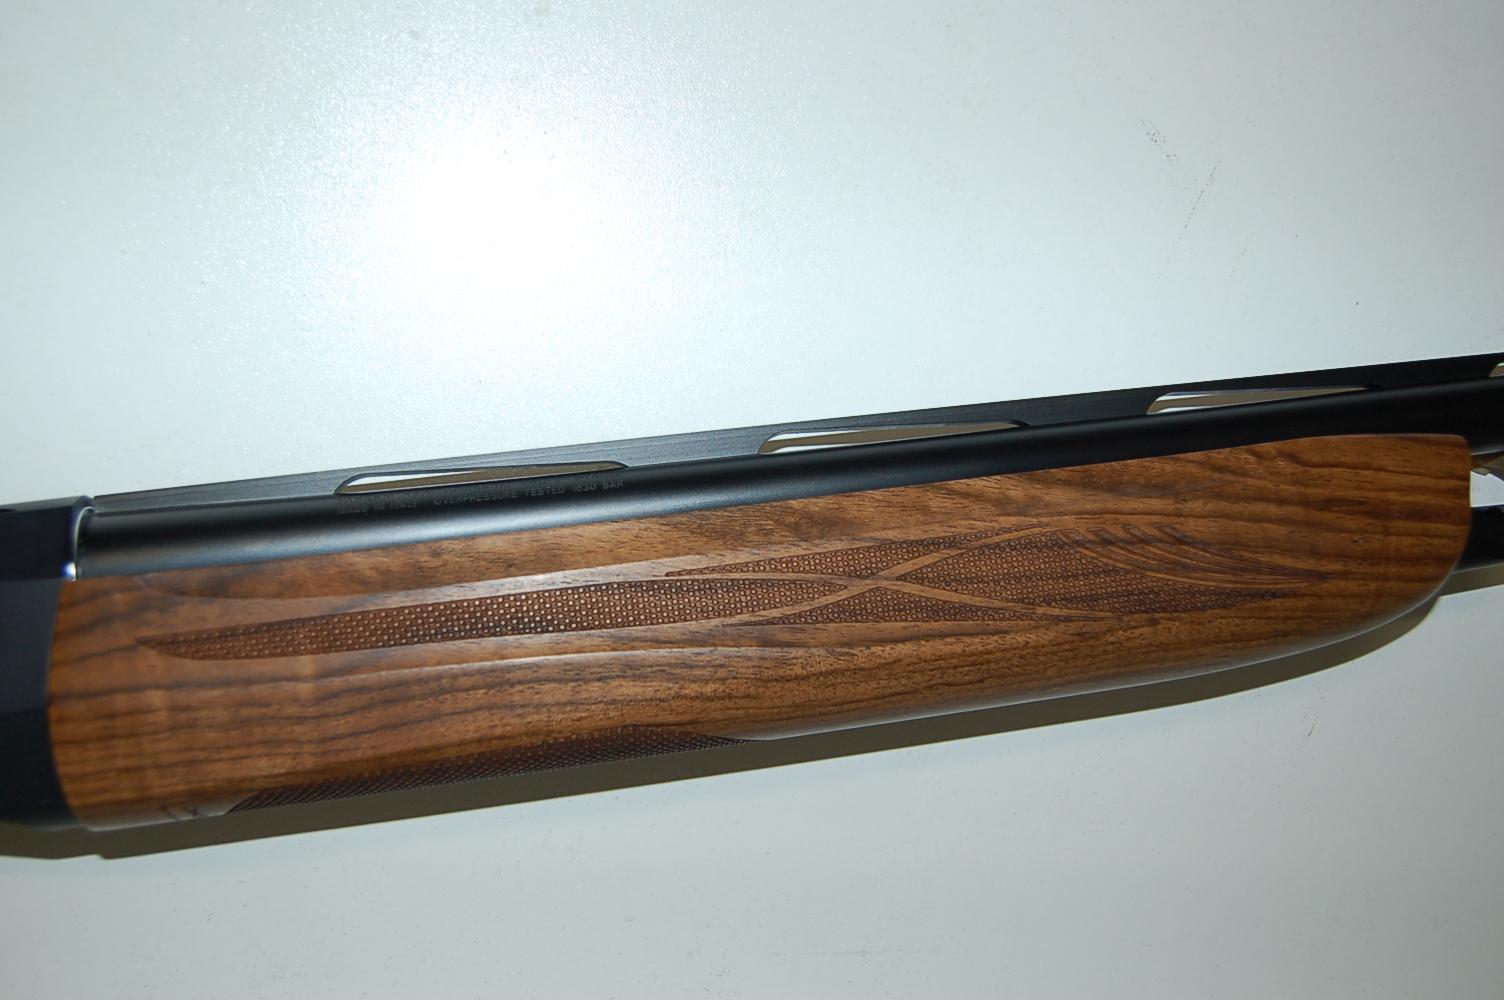 fusils fabarm parcours de chasse